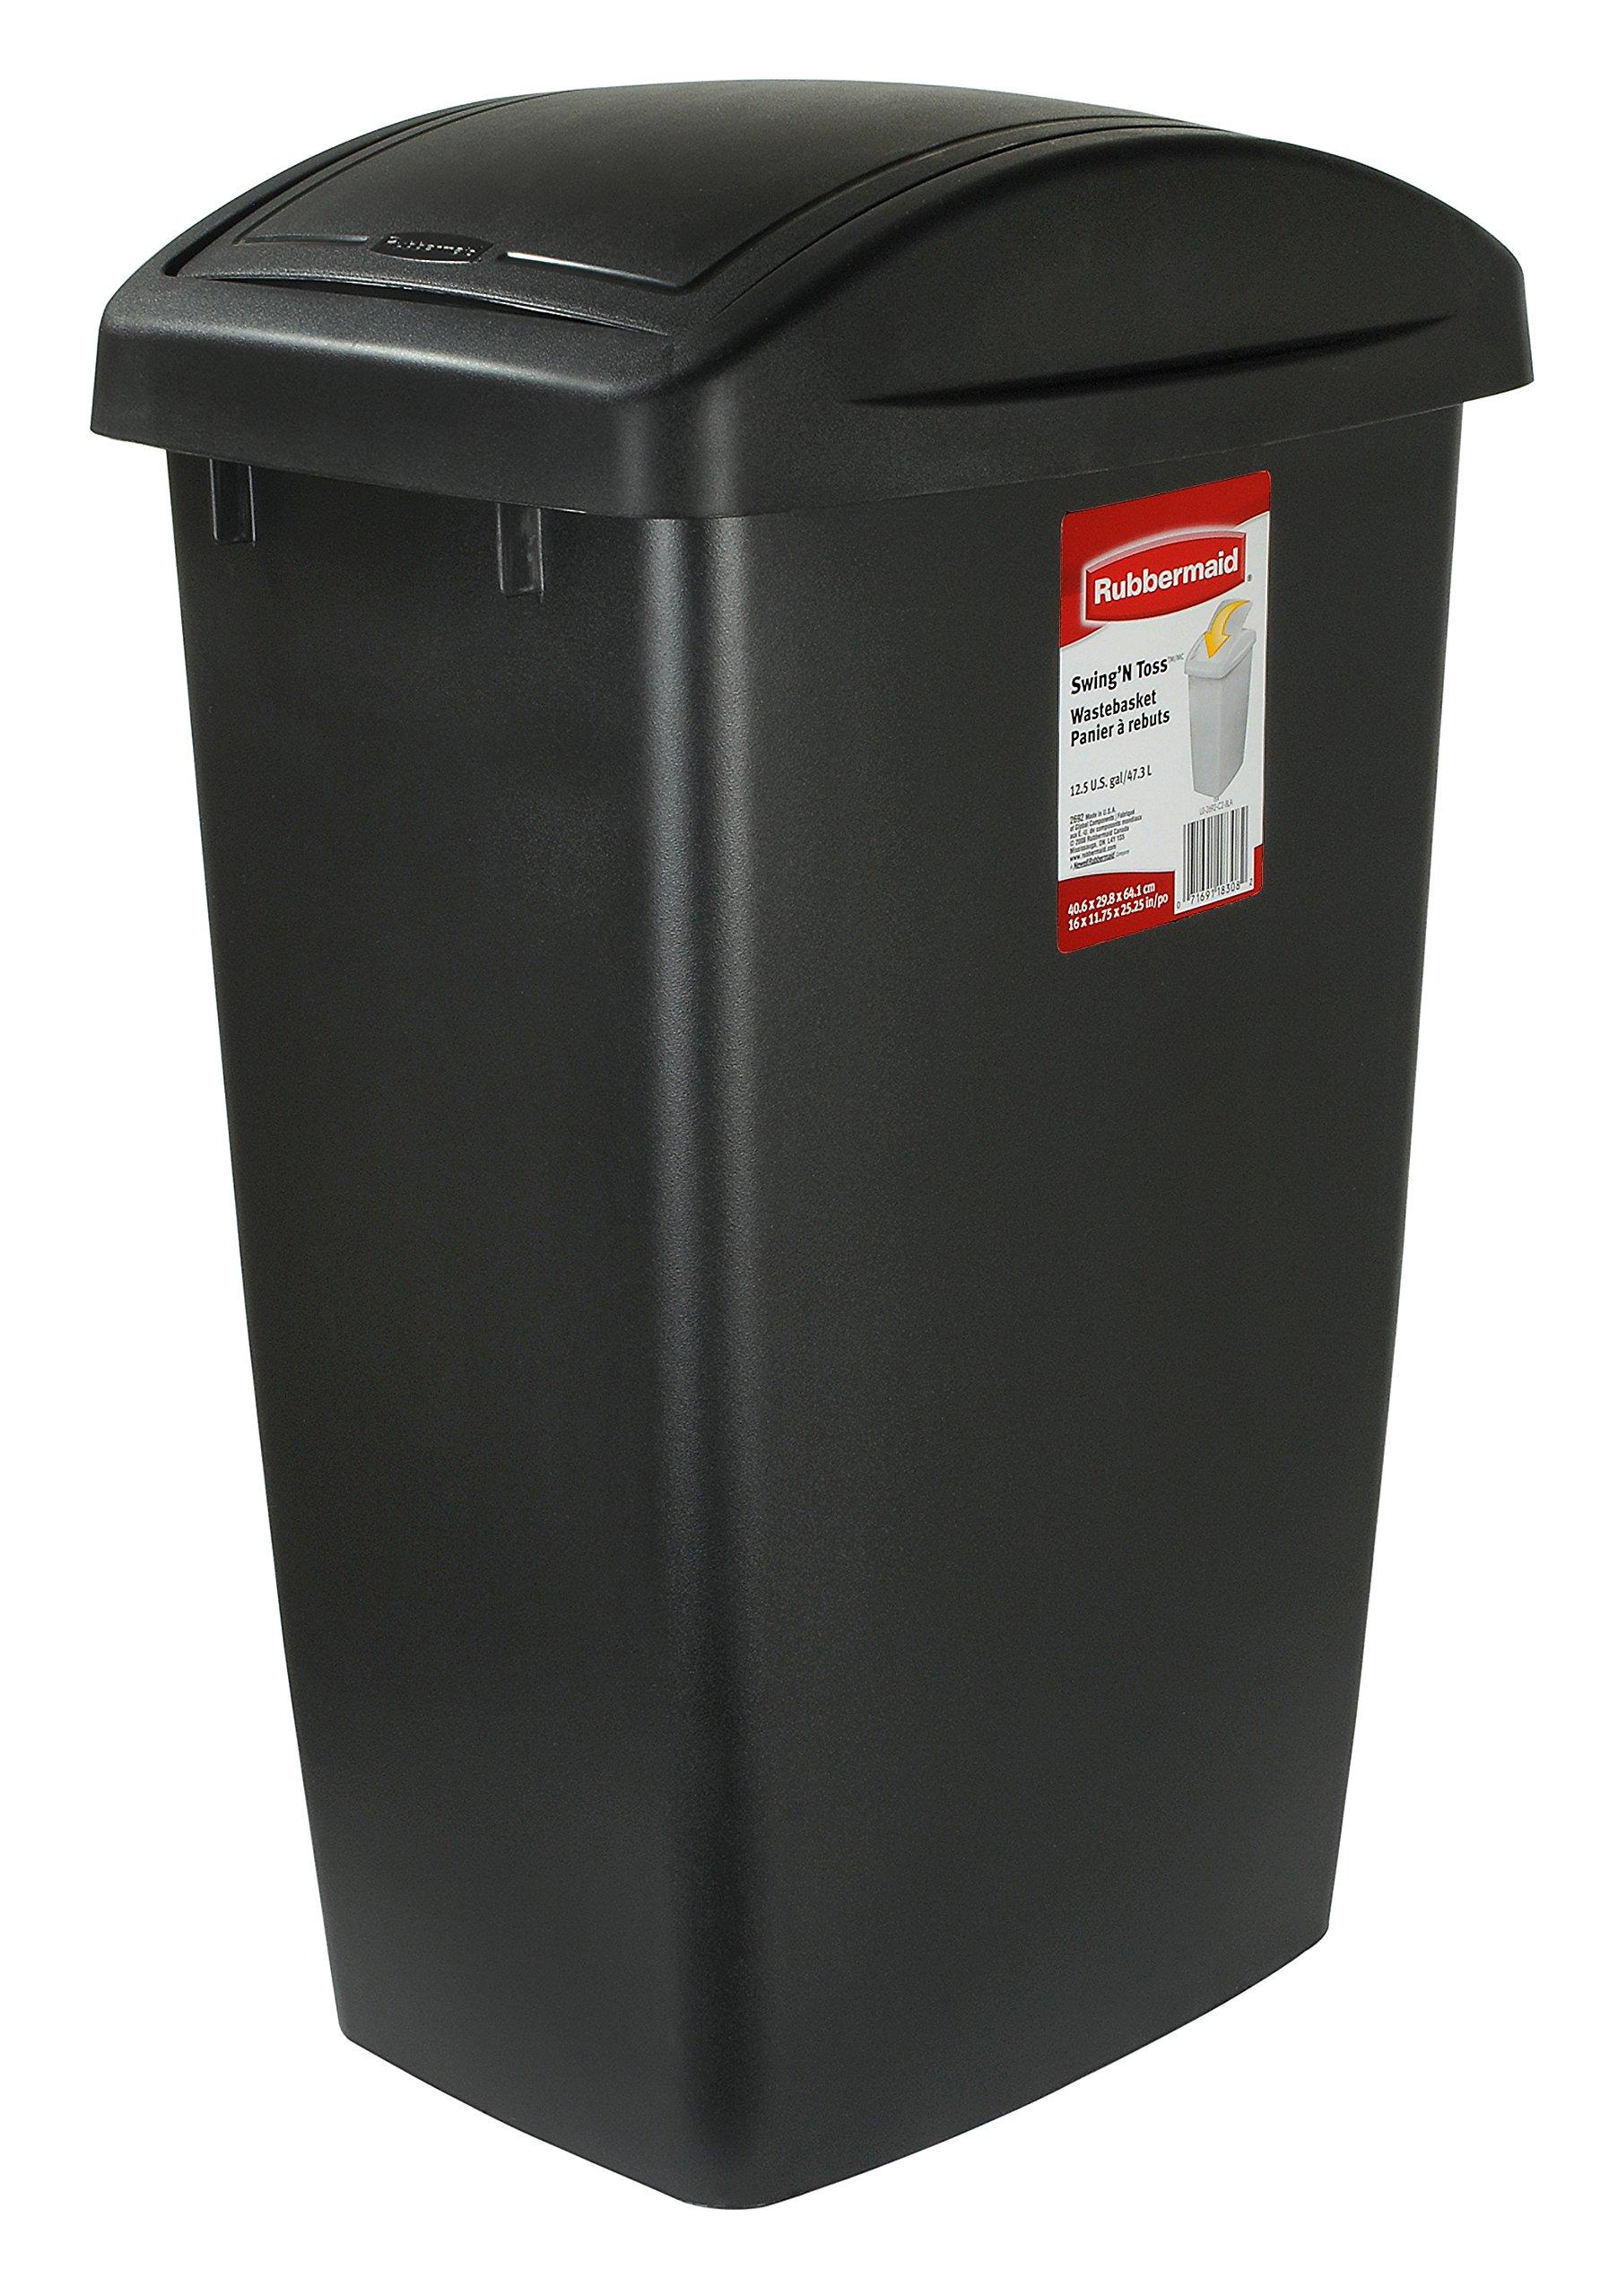 Rubbermaid Swing N' Toss Swing-Top Wastebasket Recycle Bin, 12.5-Gallon, Cashmere, FG2692RECSHM